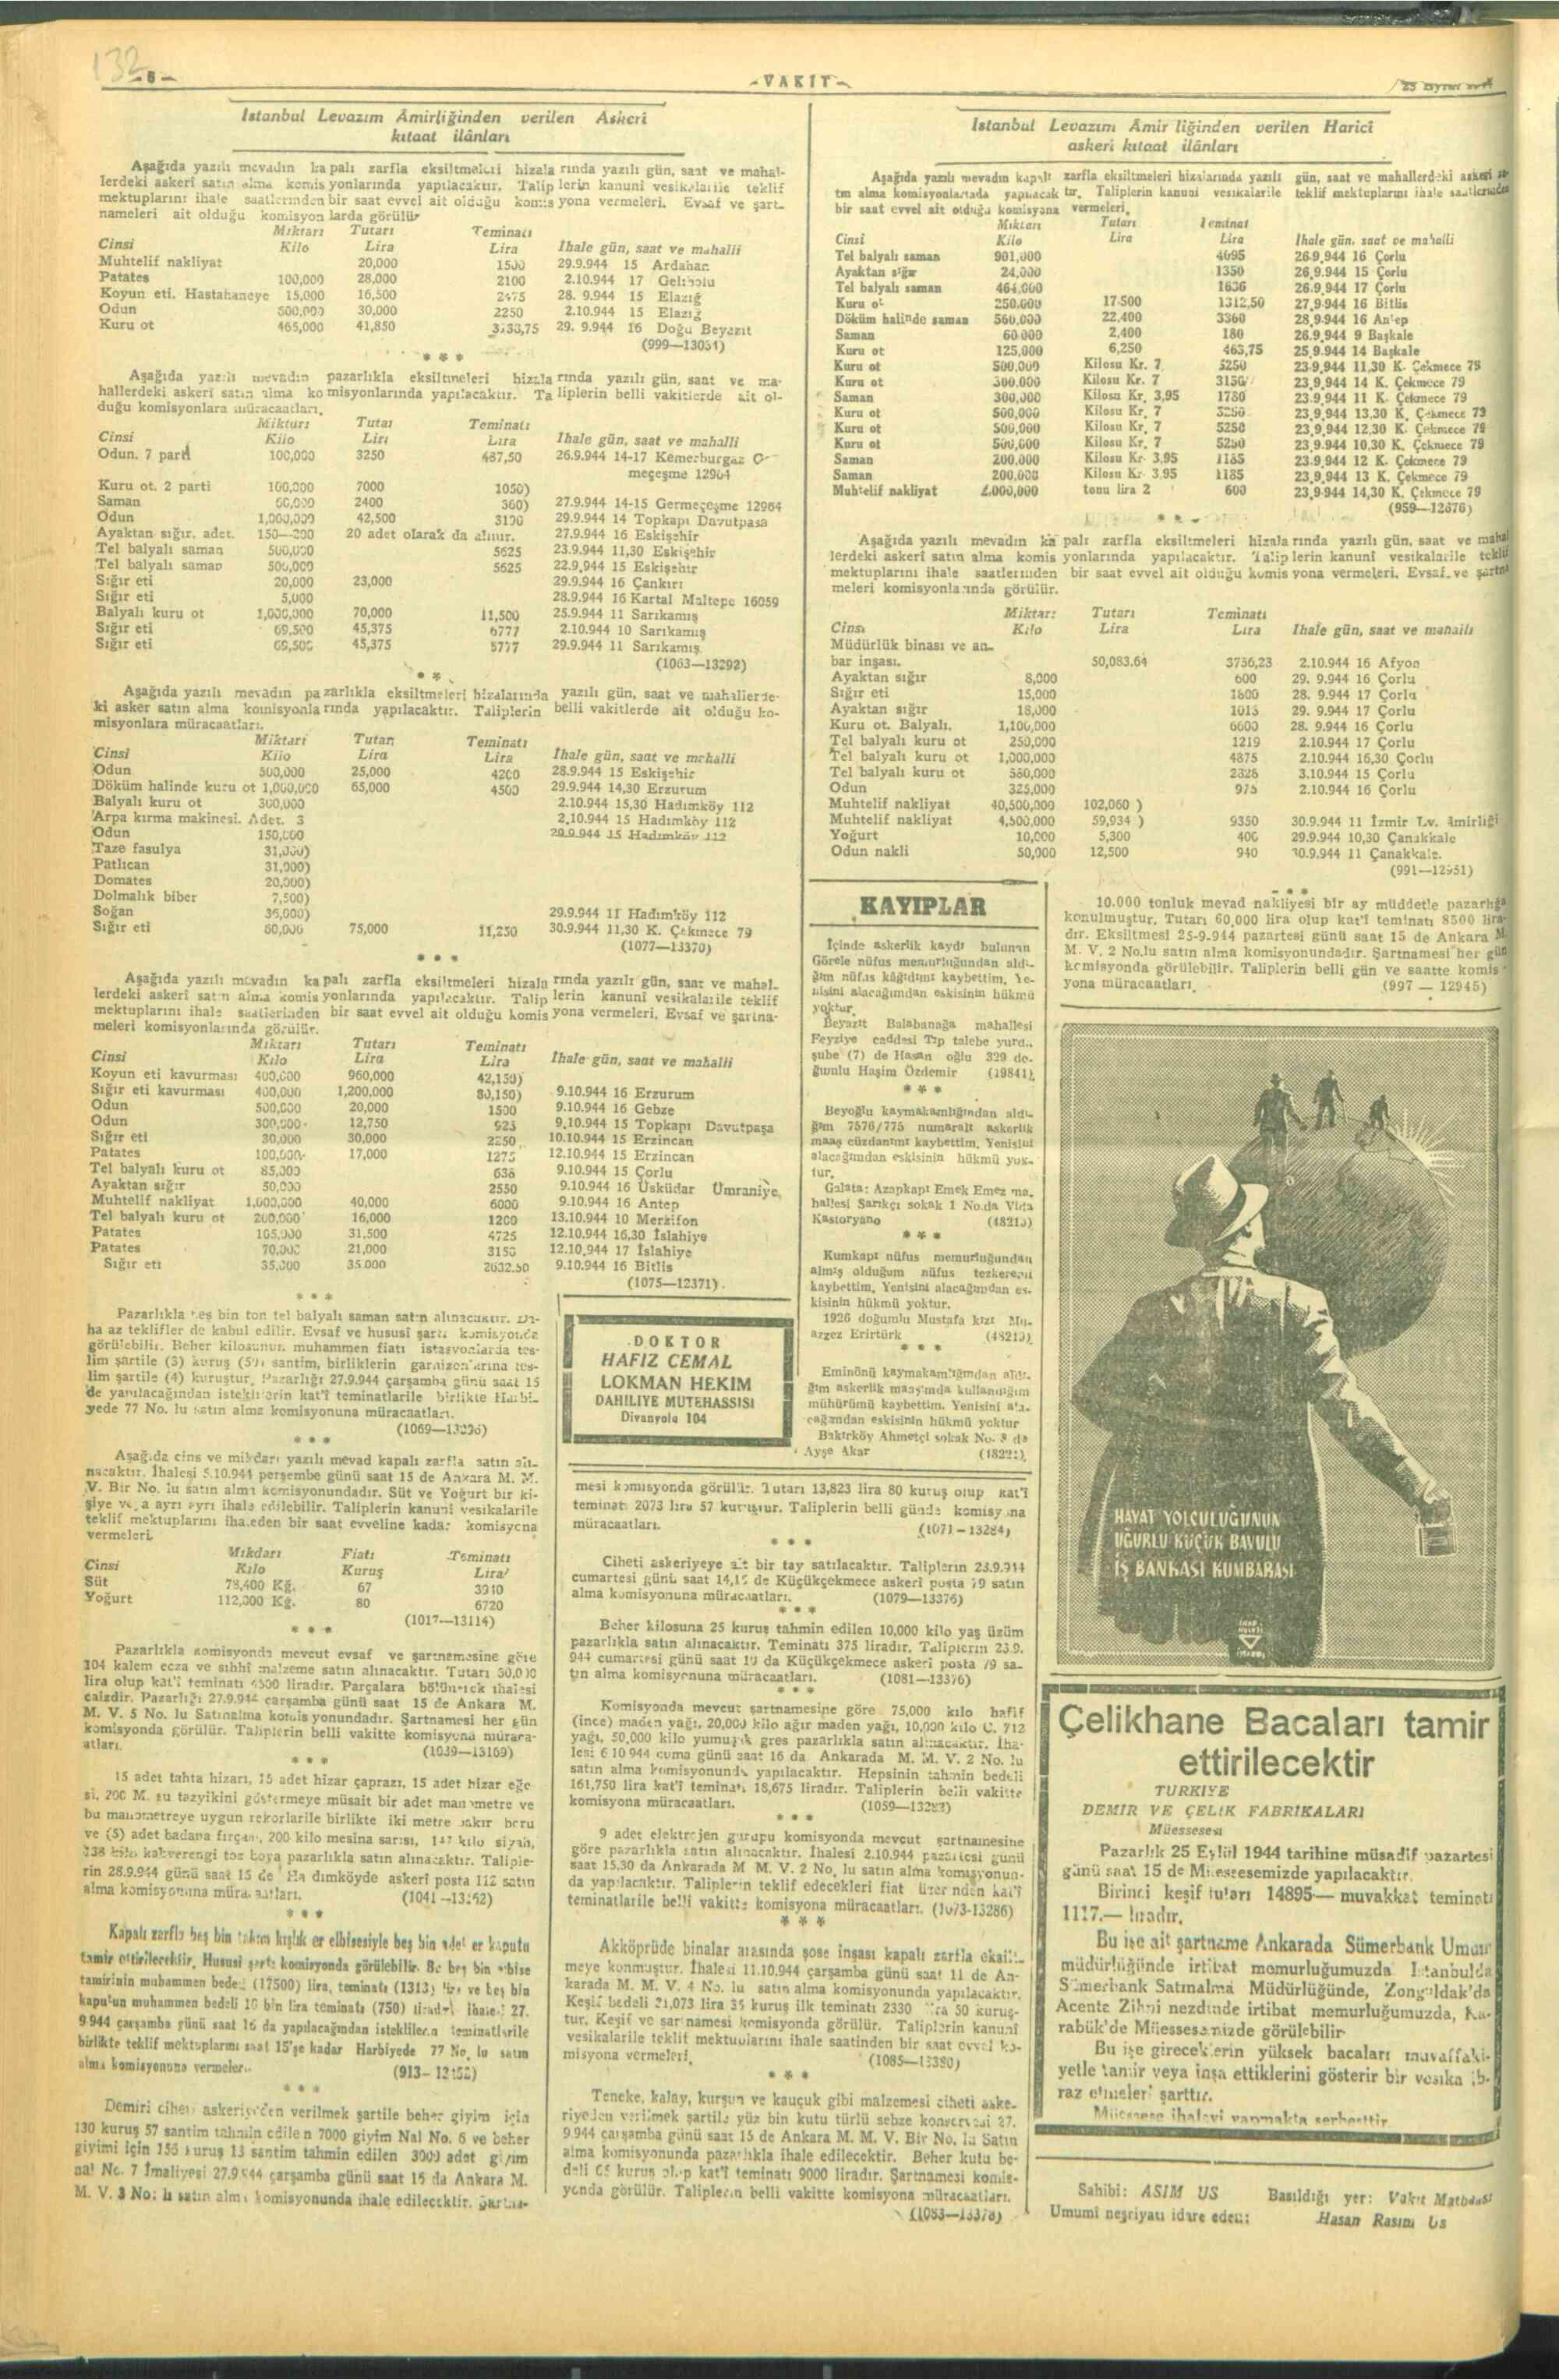 23 Eylül 1944 Tarihli Vakit Dergisi Sayfa 6